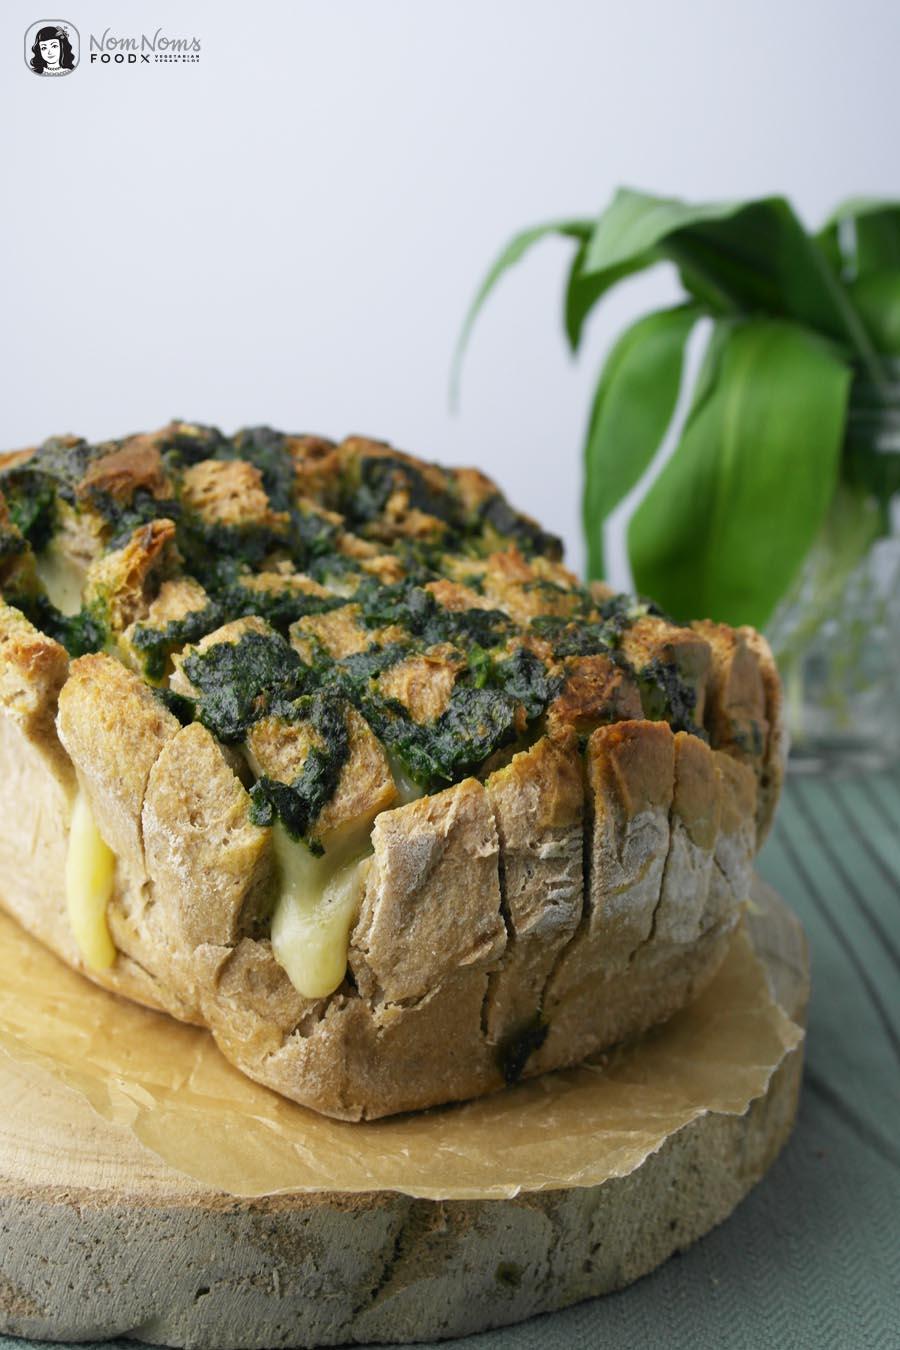 Herzhaftes Bärlauch Pull-Apart-Bread oder Bärlauch Zupfbrot Wild Garlic Pull-Apart-Bread